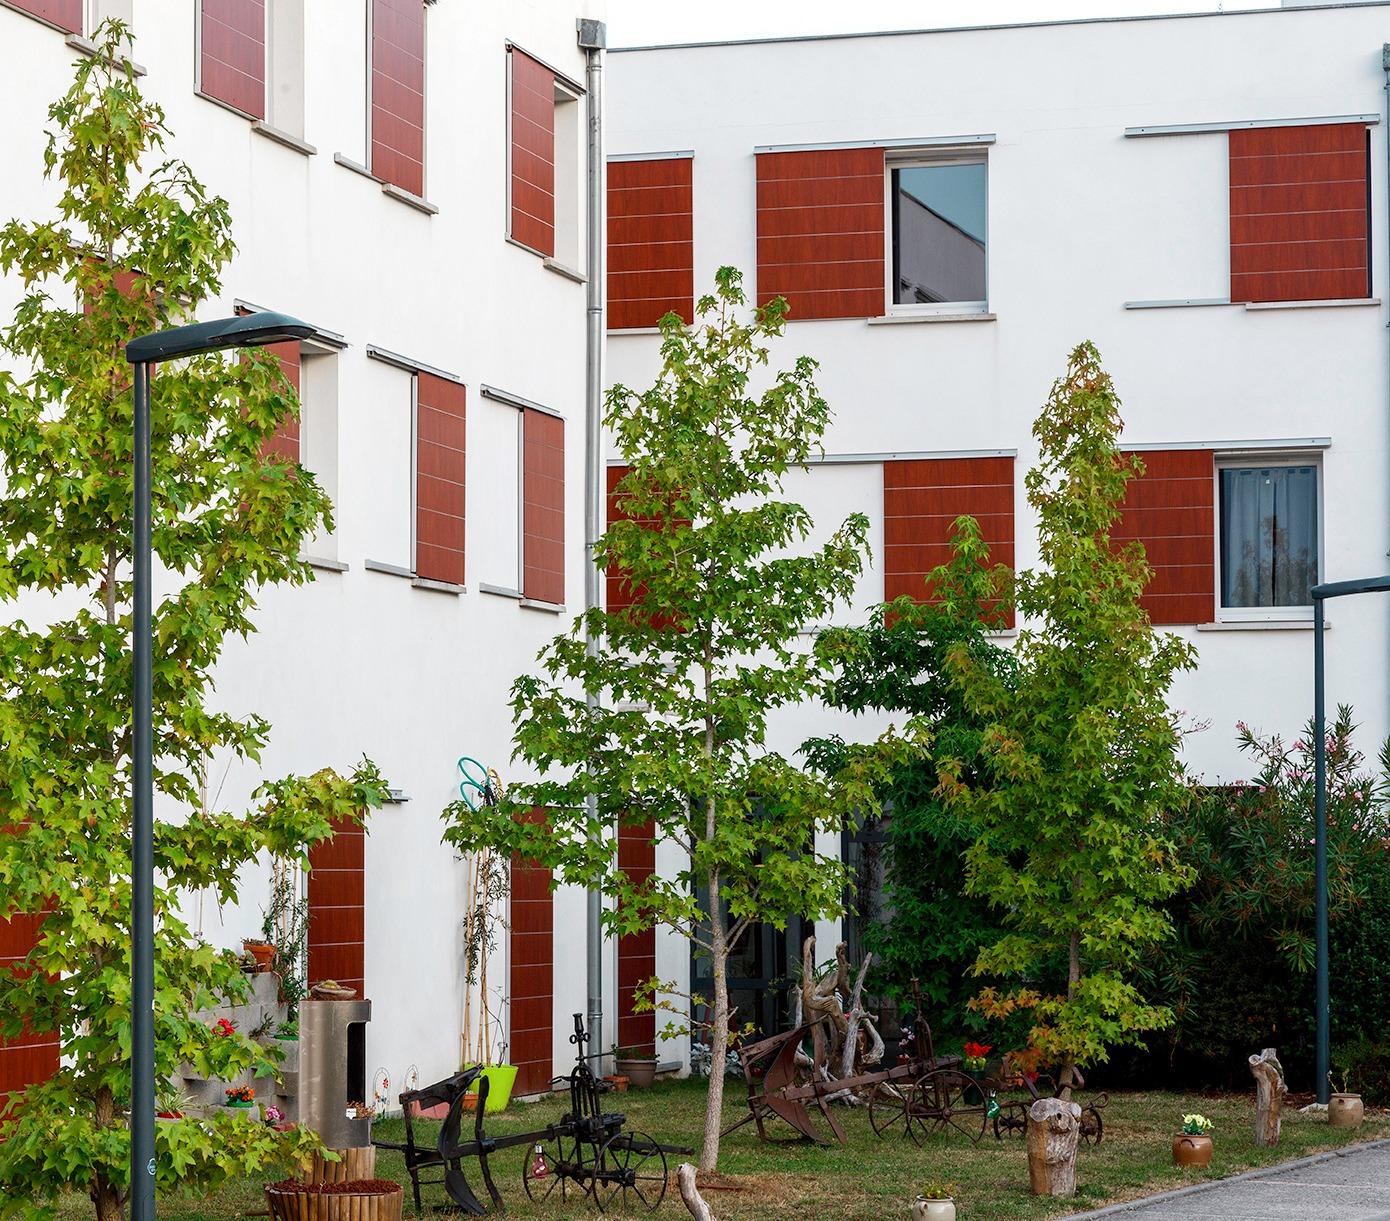 Résidence-étudiante-de-l'ENFA Auzeville Tolosan MR3A